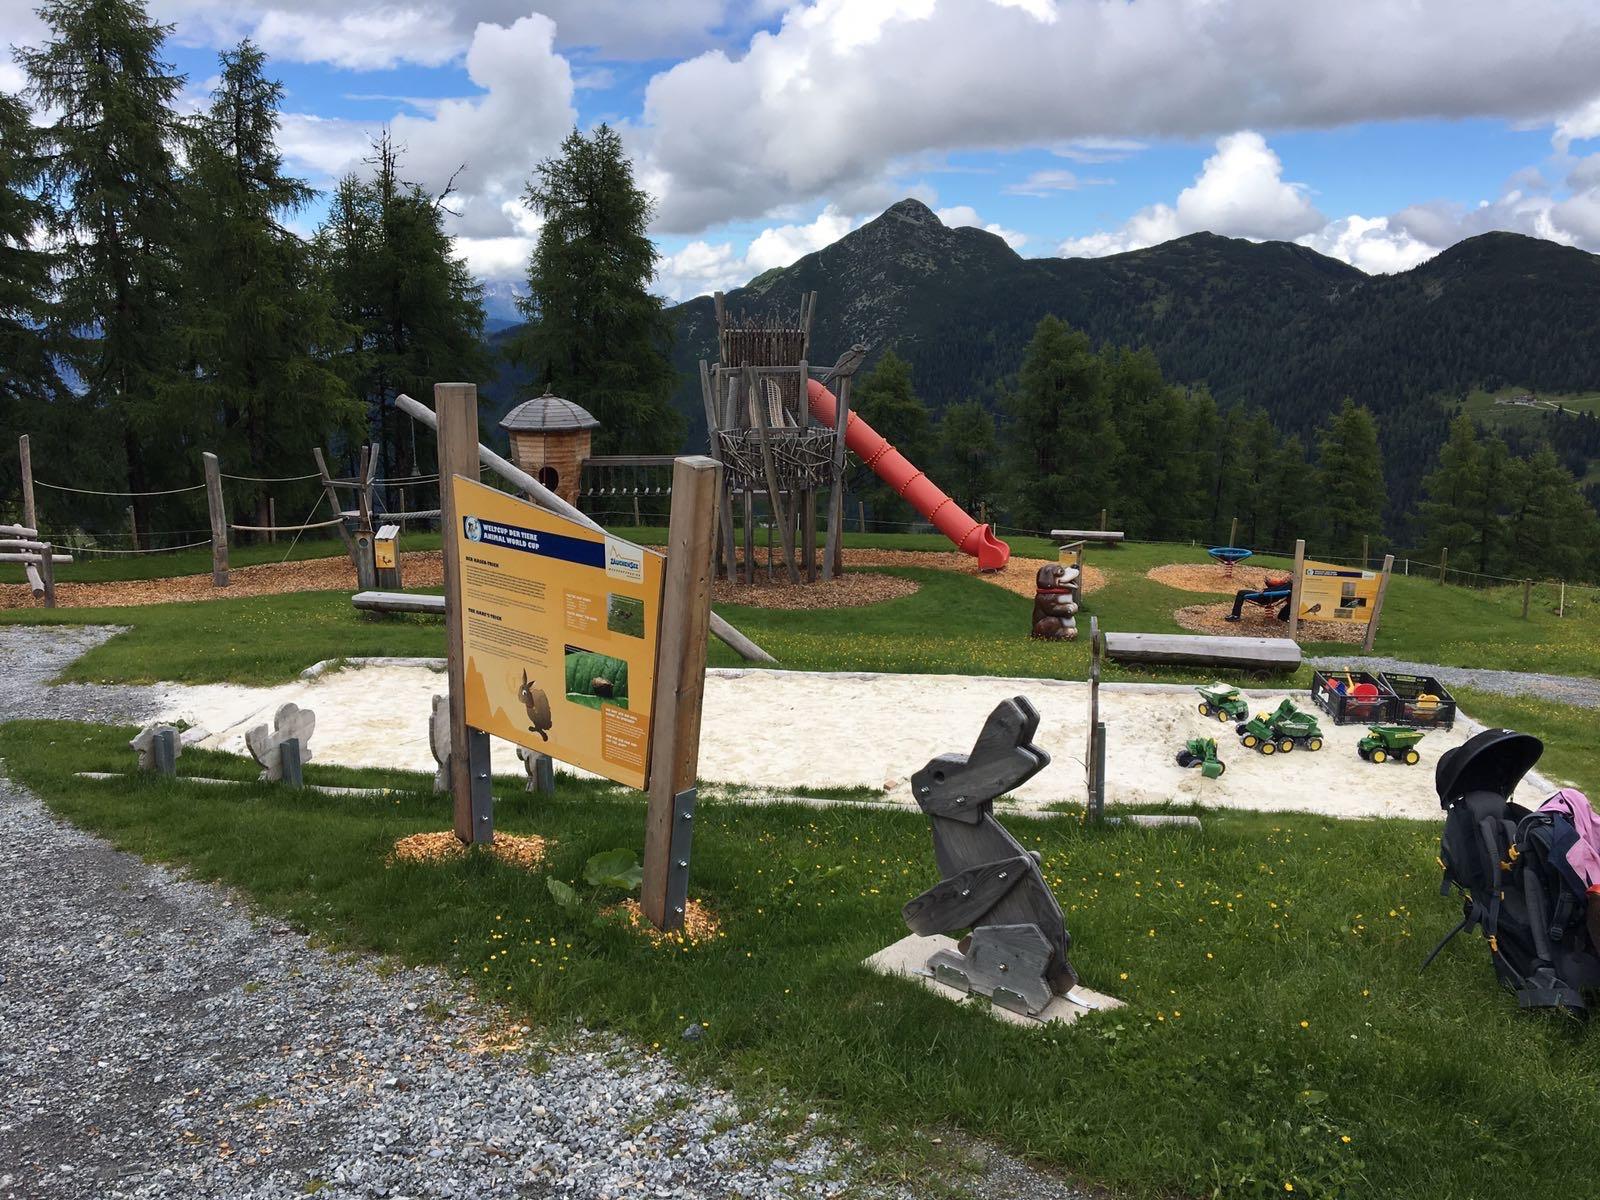 Abenteuer Spielplatz in Zauchensee © Fotokredit: Anja Fischer